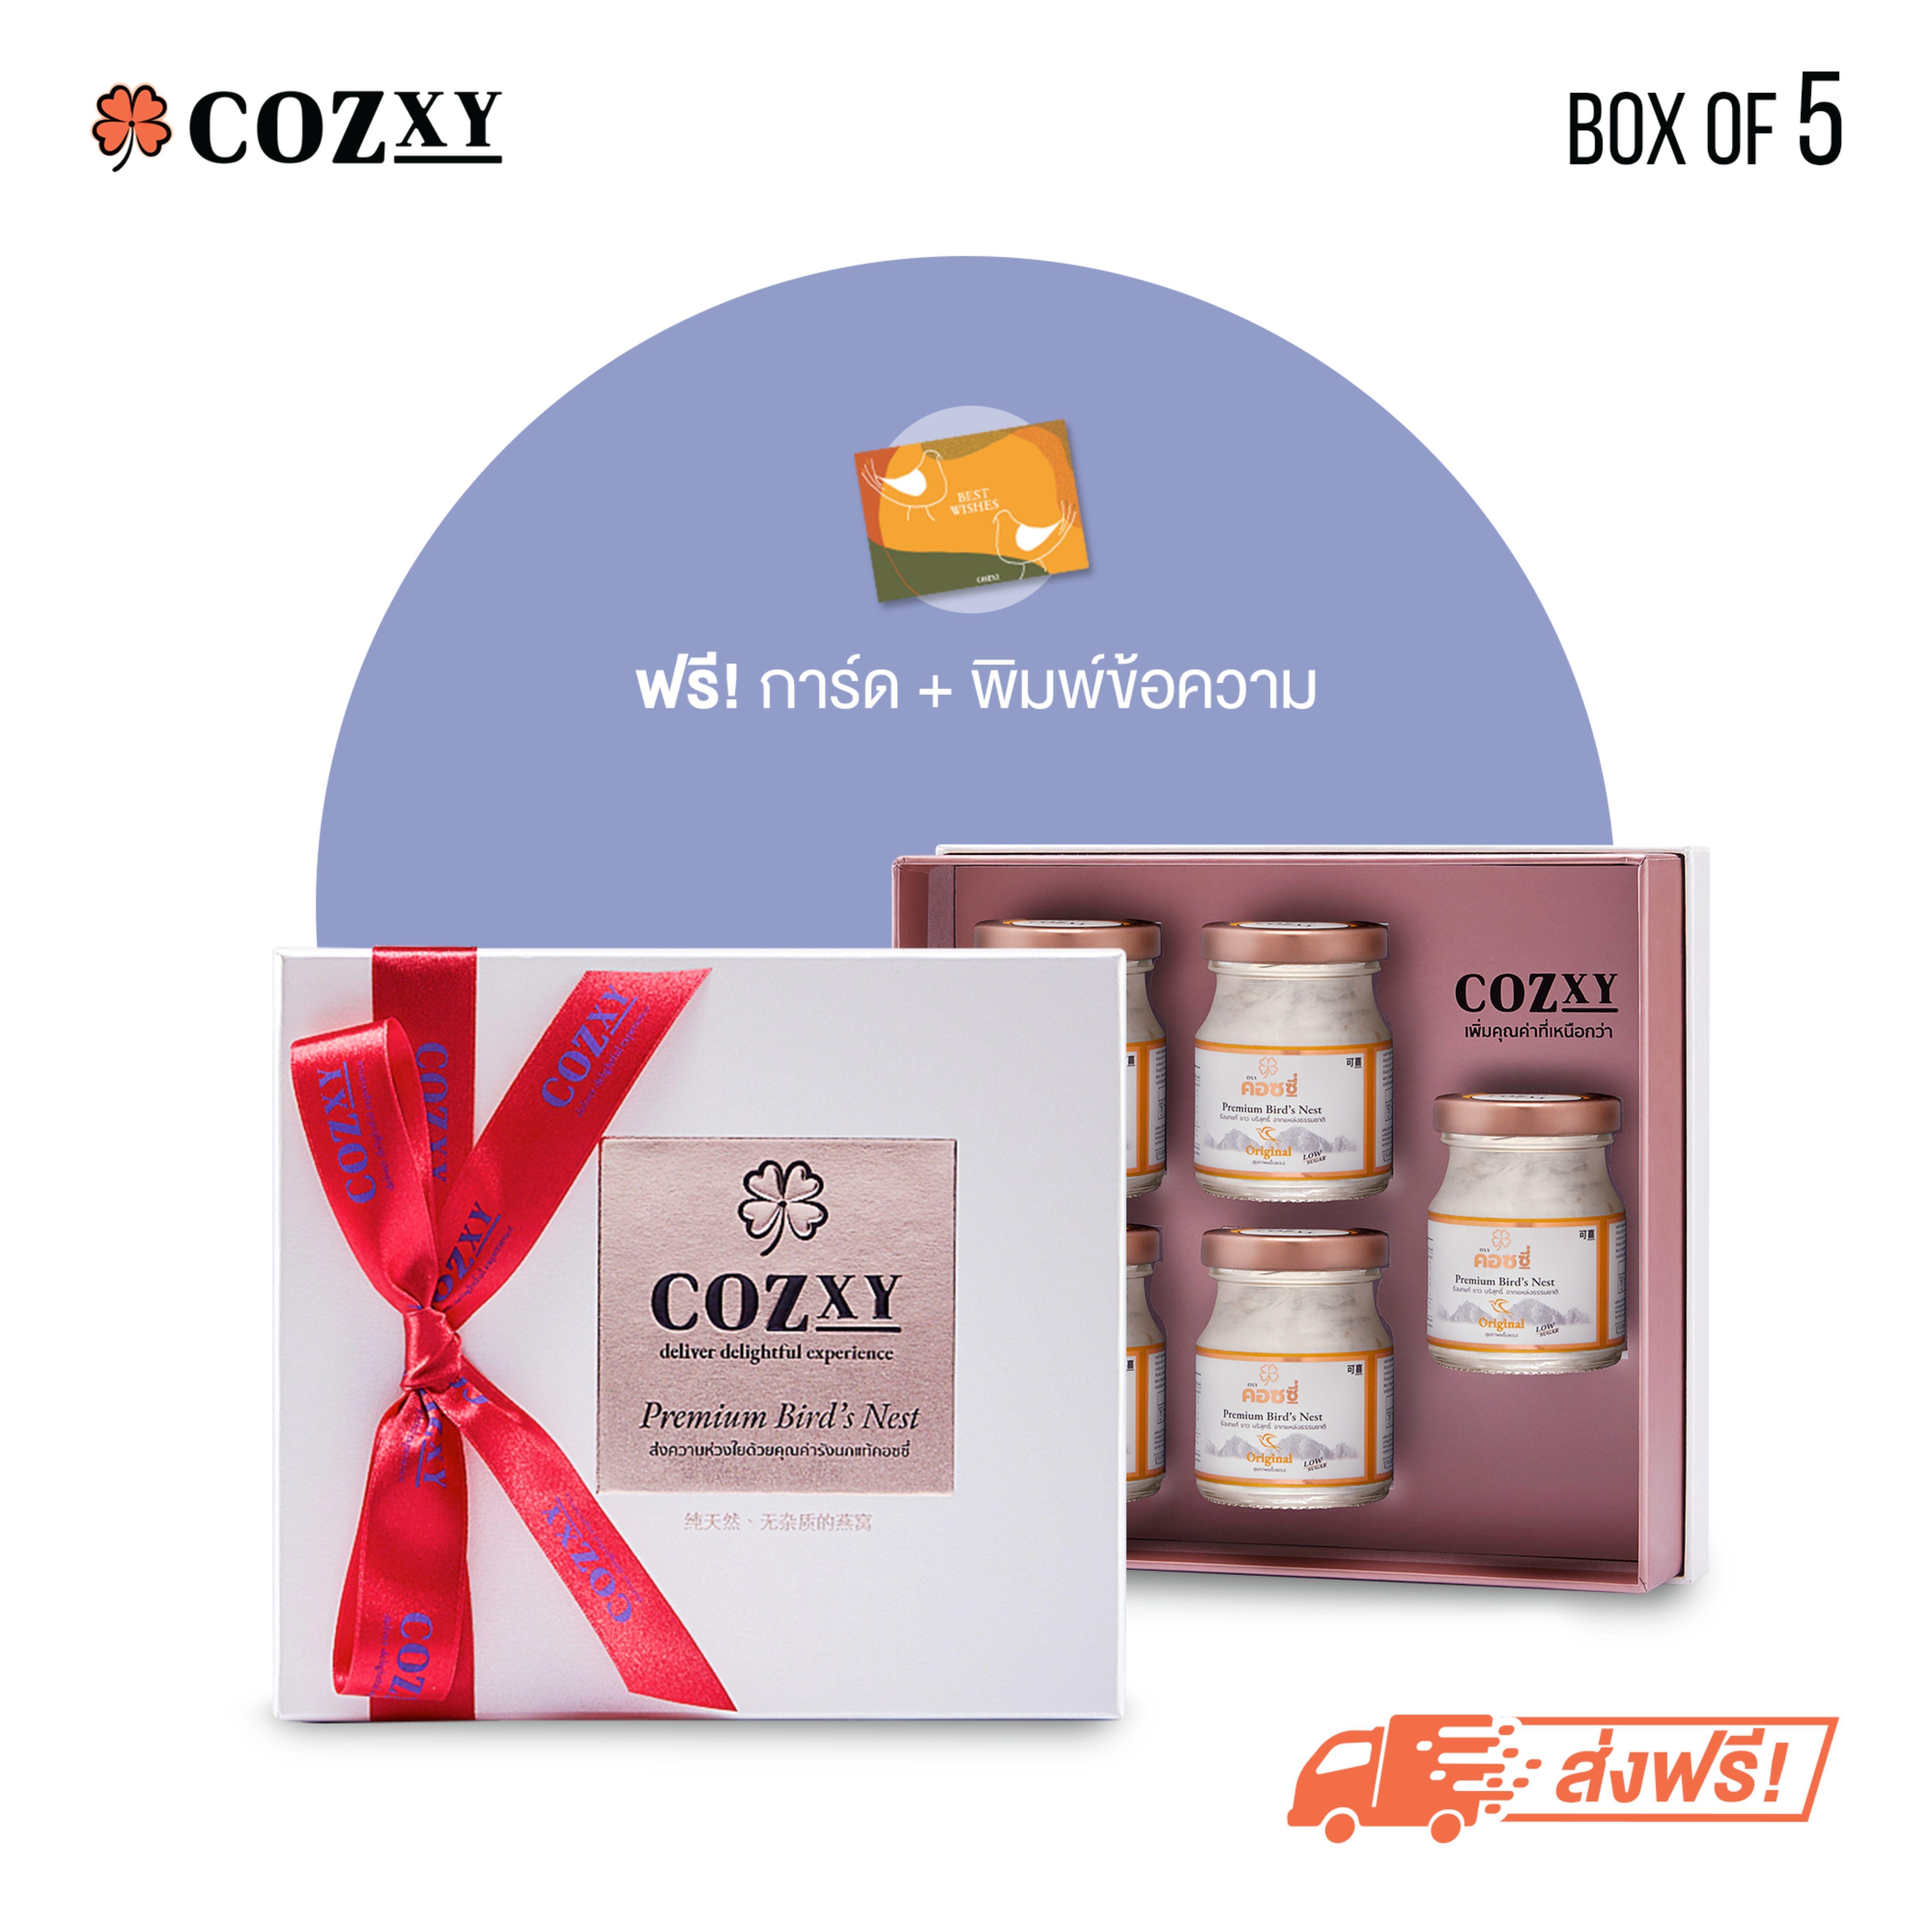 คอซซี่ กล่องของขวัญรังนกแท้พรีเมี่ยม สูตร Original หวานน้อย ขนาด 5 ขวด สีขาวมุก ให้แทนกระเช้าสุขภาพ